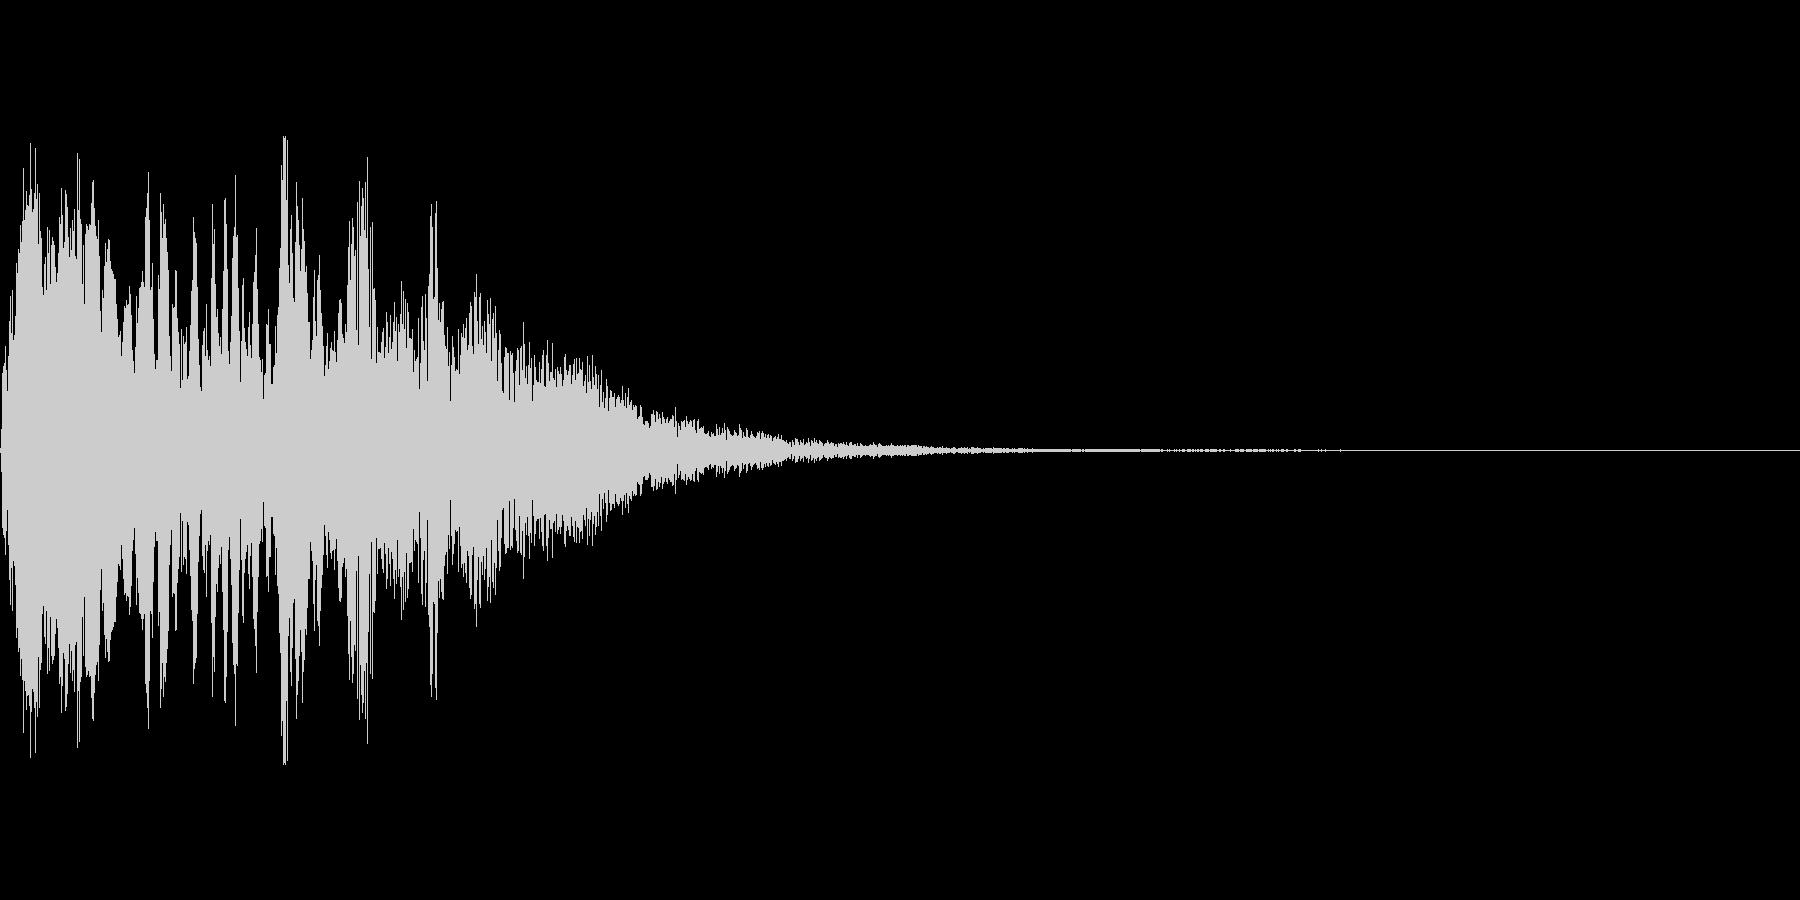 呪文を唱える効果音の未再生の波形